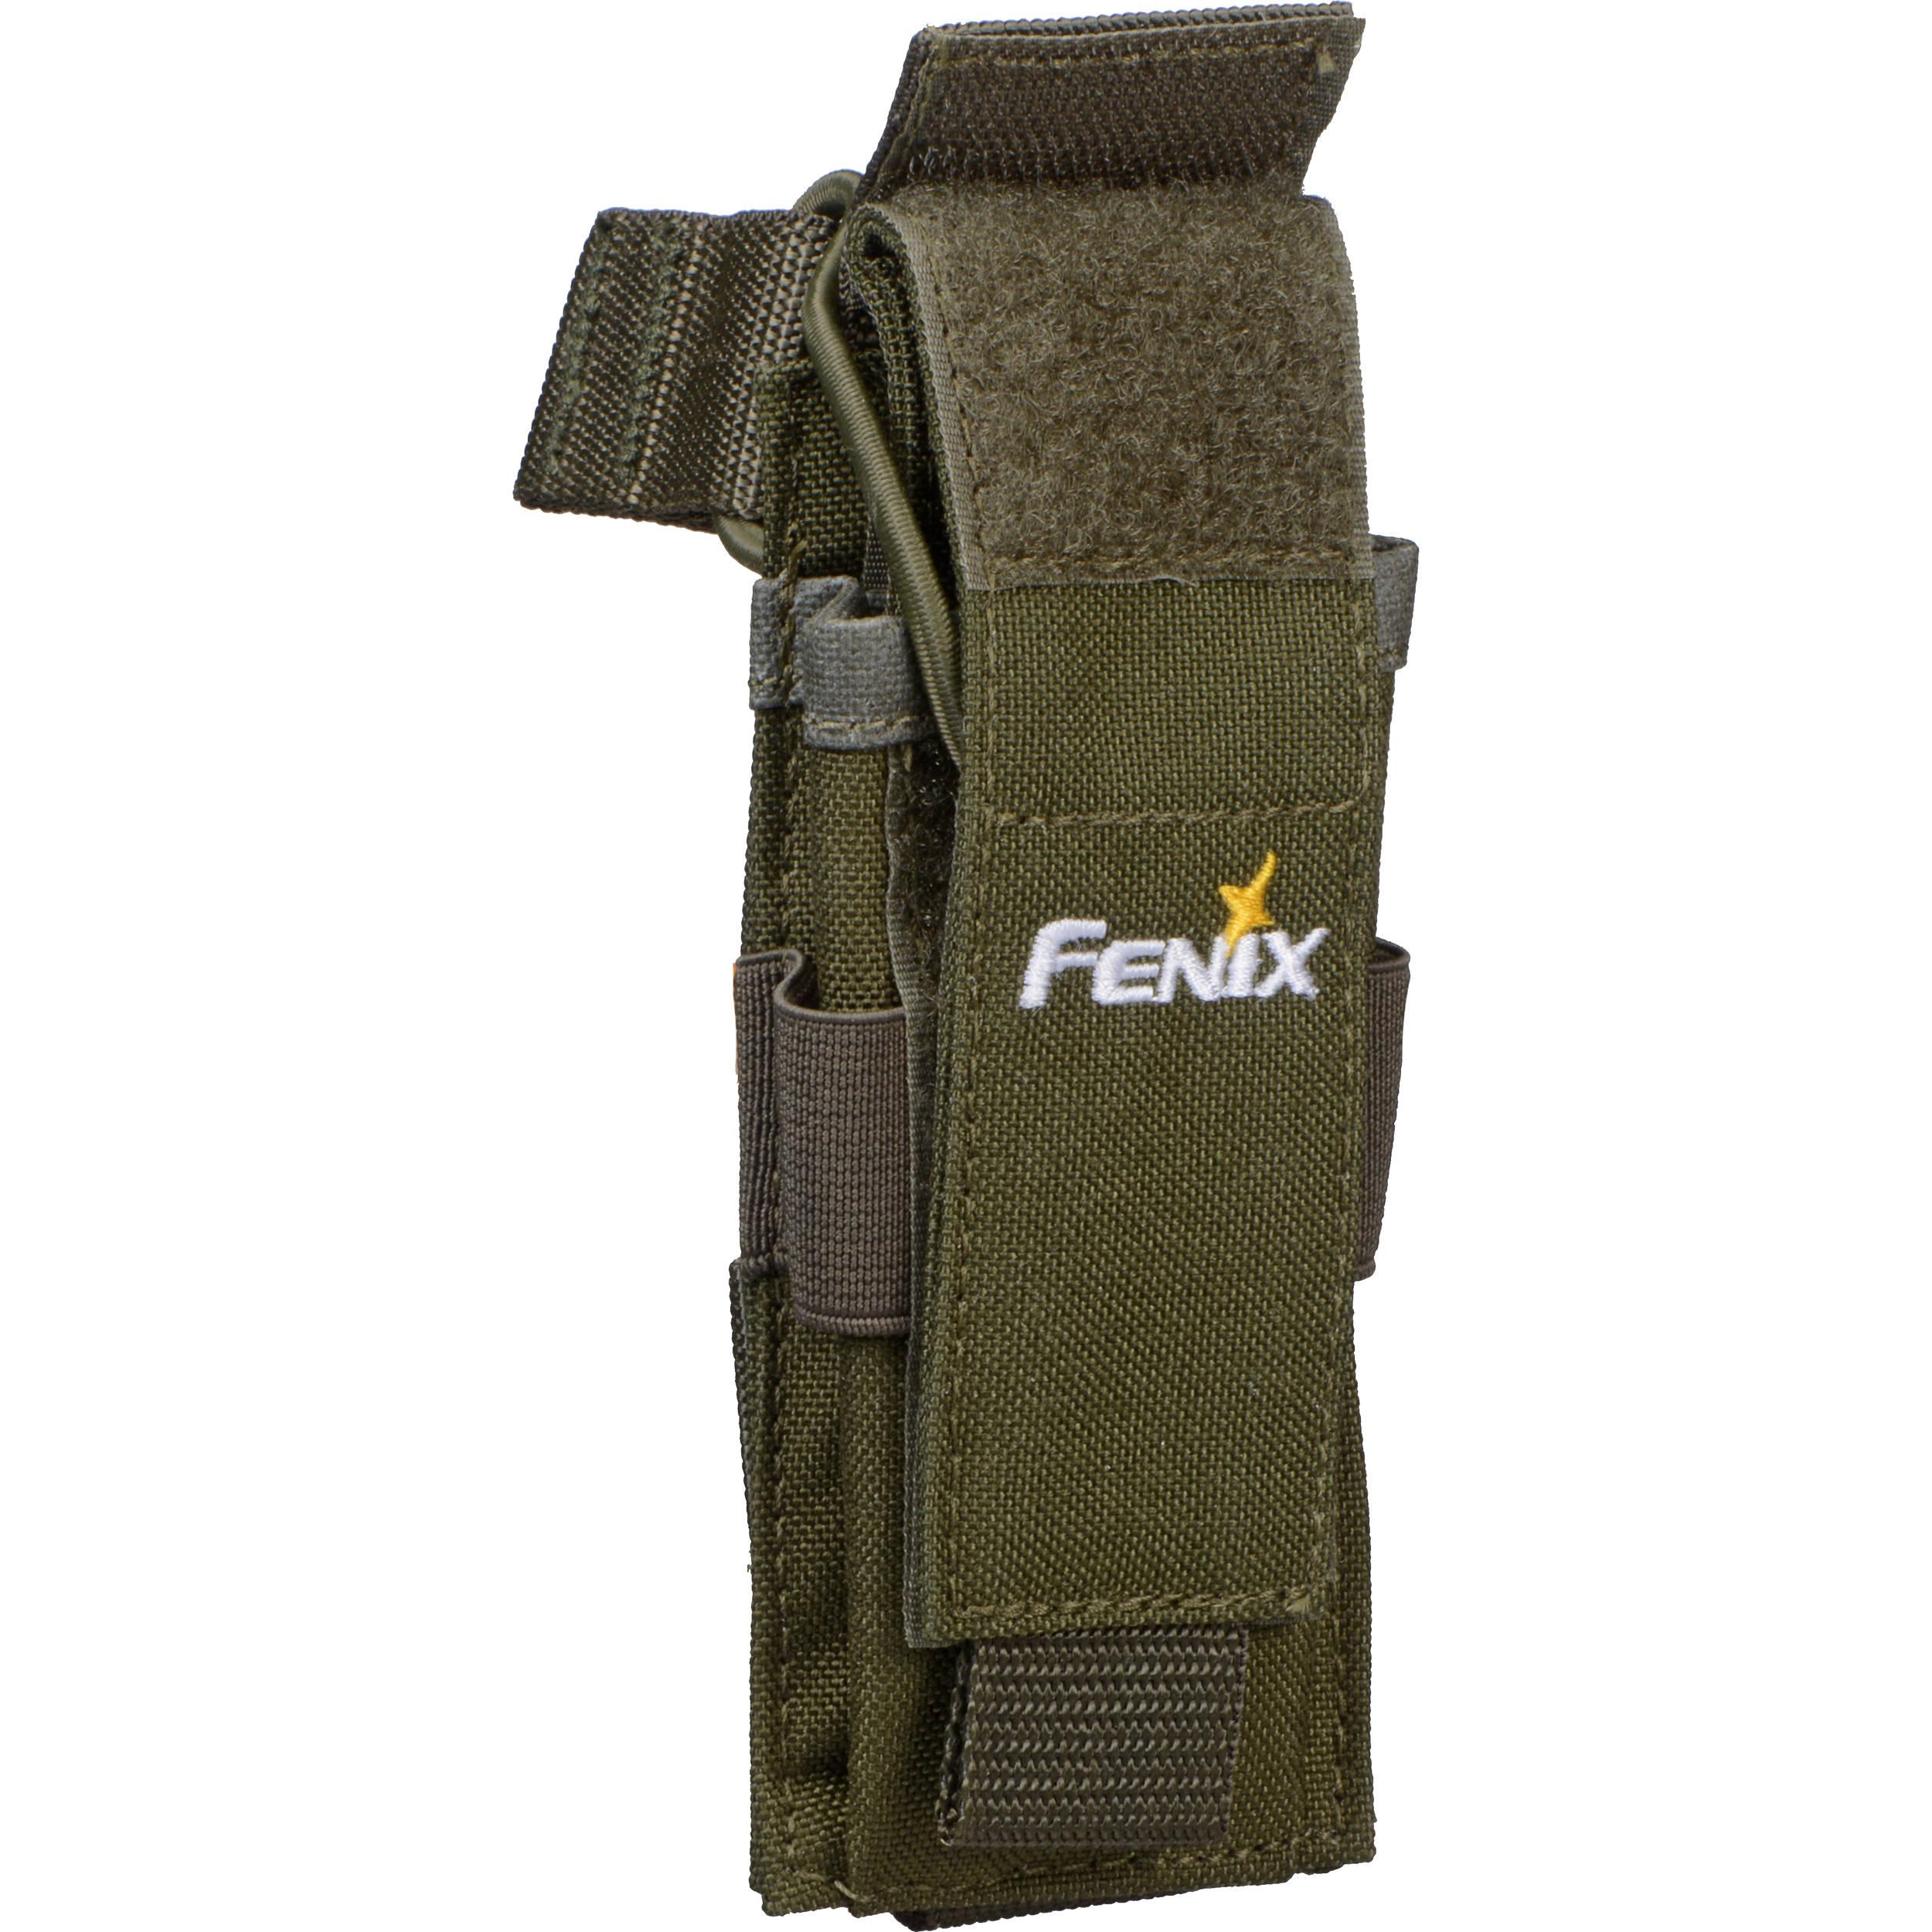 7a1b0e043324 fenix flashlight alp mt ol fenix holster olive 1153079.jpg